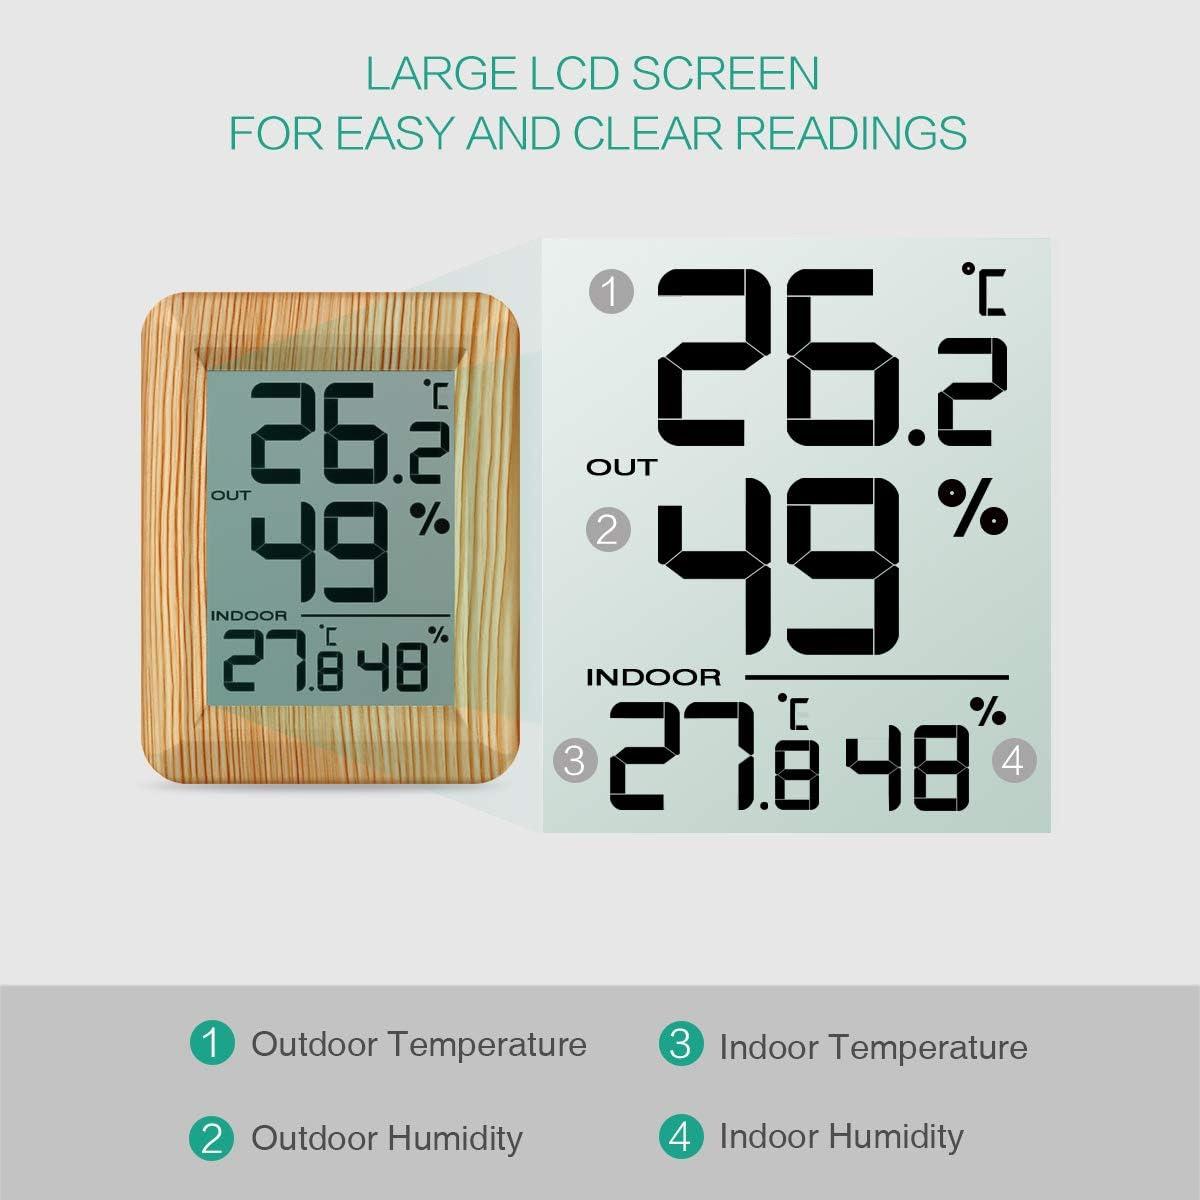 Oria Innen Außen Thermometer Hygrometer Digitaler Thermo Hygrometer Drahtloses Temperatur Feuchtigkeit Monitor Mit Sender Lcd Bildschirm Schalten Ideal Für Zuhause Büro Hölzernes Gelb Elektronik